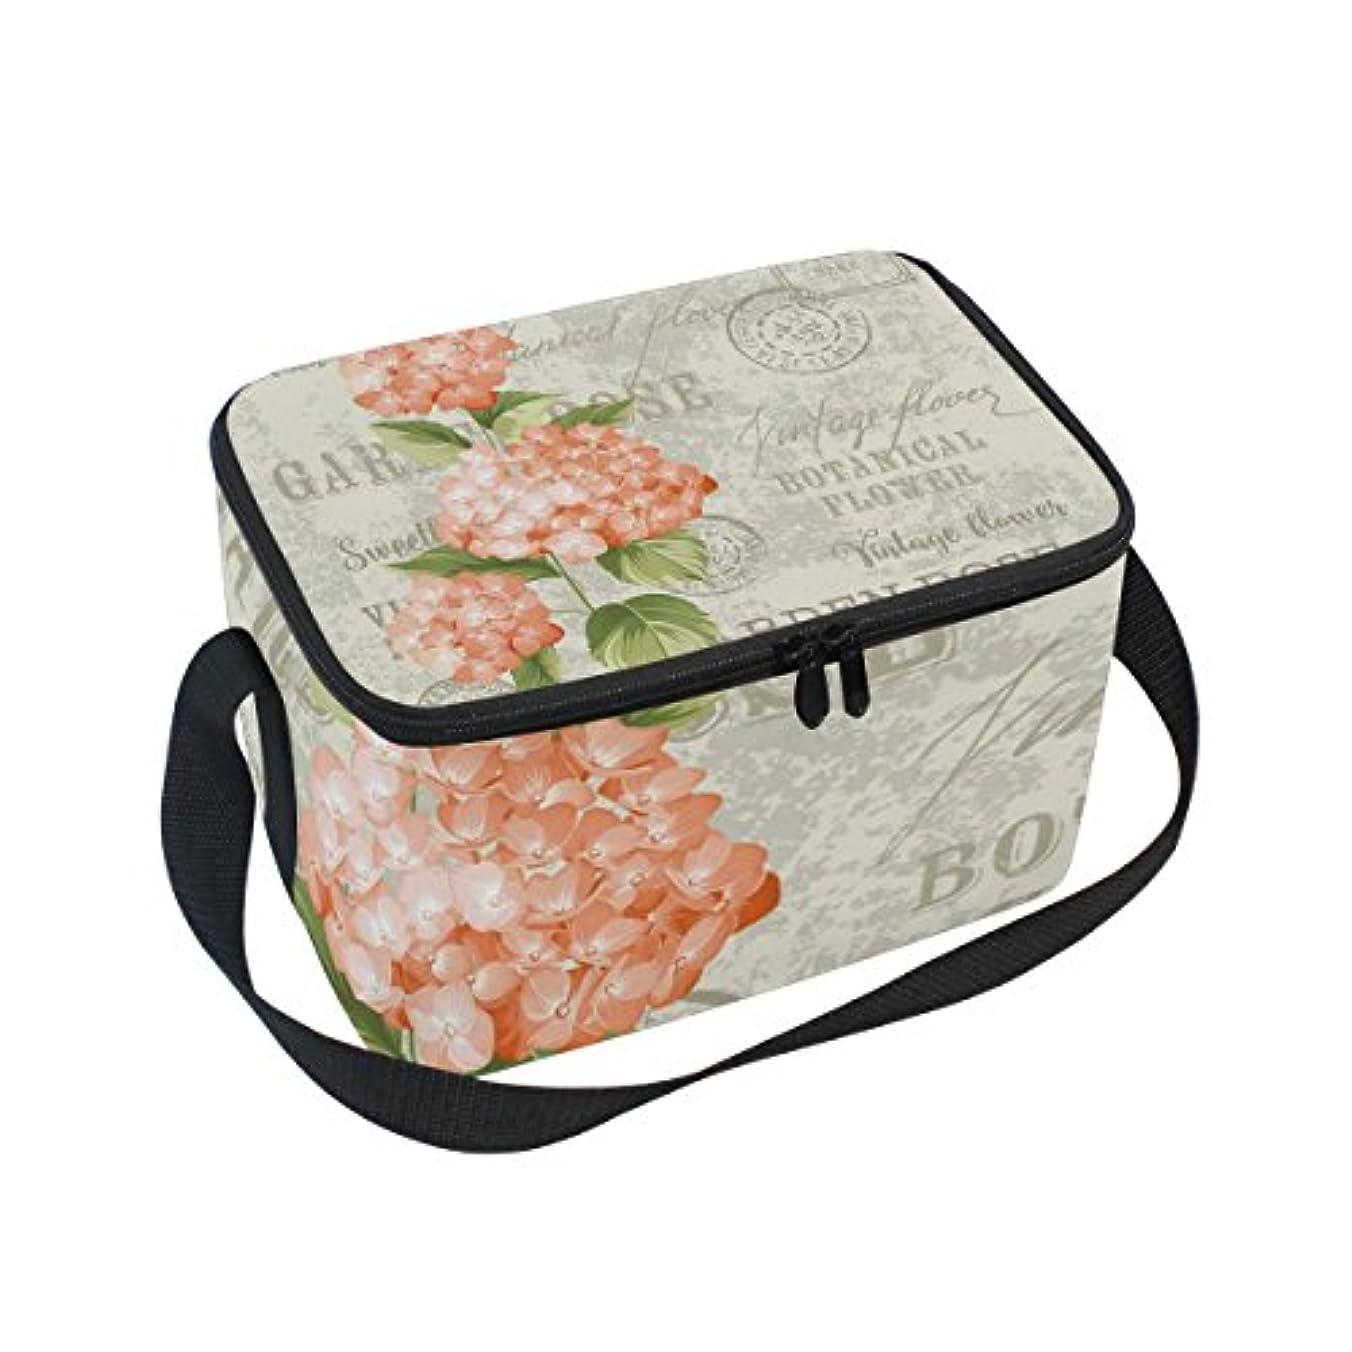 お手伝いさんアンドリューハリディ綺麗なクーラーバッグ クーラーボックス ソフトクーラ 冷蔵ボックス キャンプ用品  アジサイ 花柄 オレンジ 保冷保温 大容量 肩掛け お花見 アウトドア